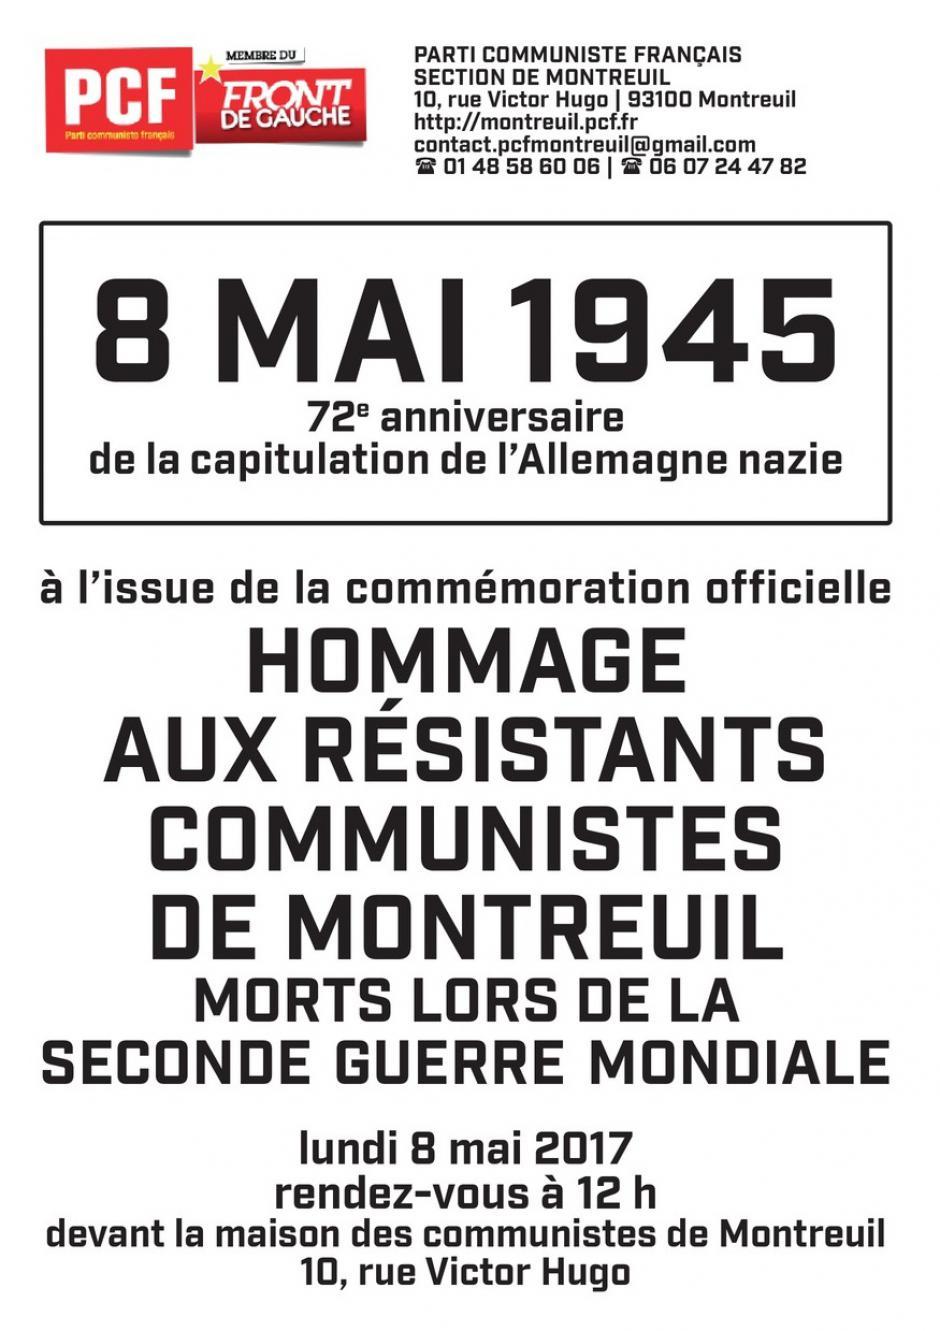 Hommage aux résistants communistes de Montreuil morts lors de la Seconde Guerre mondiale